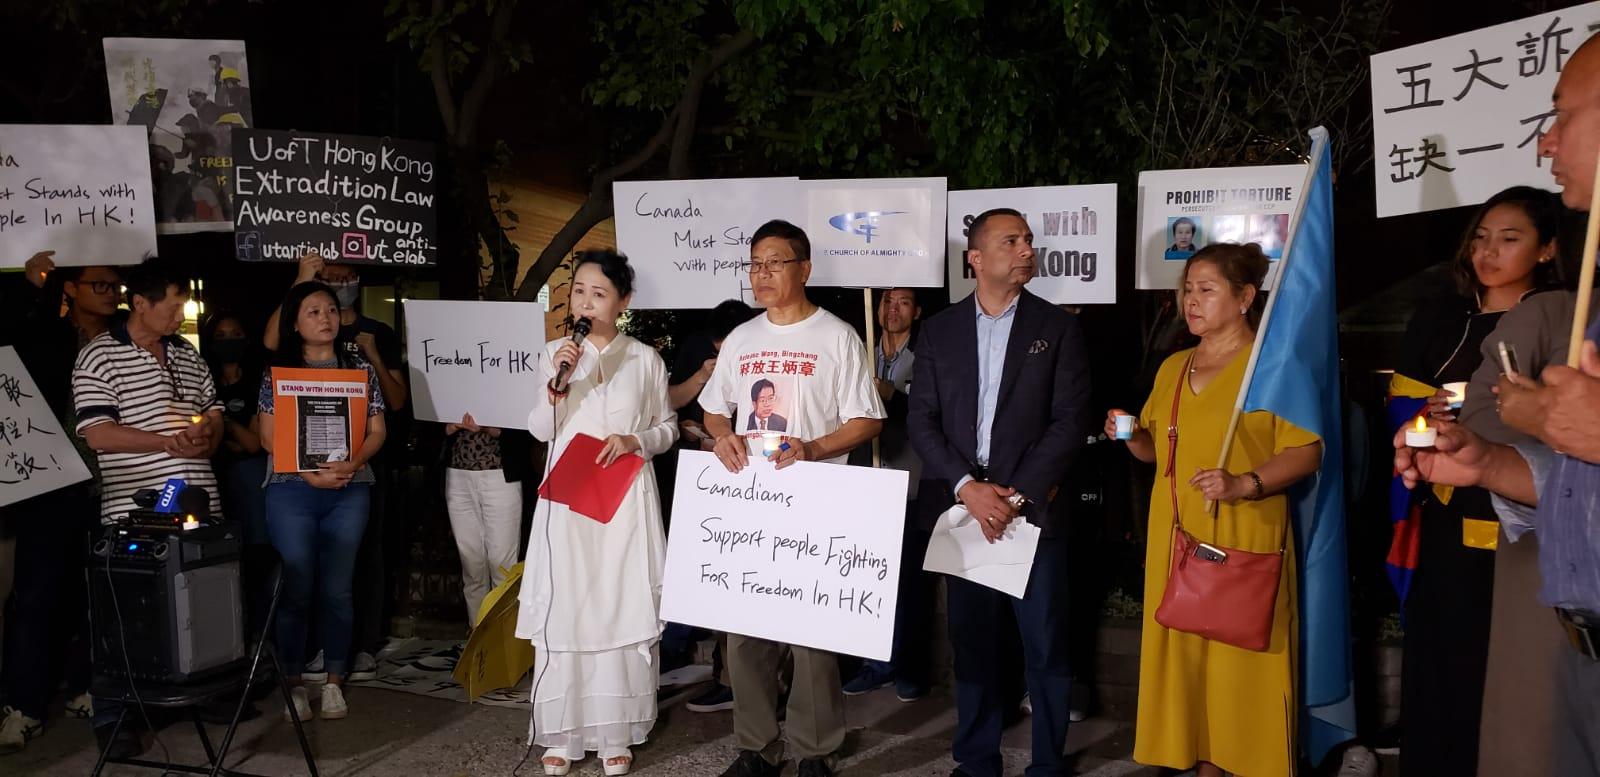 民主中国阵线副主席盛雪女士在现场发言